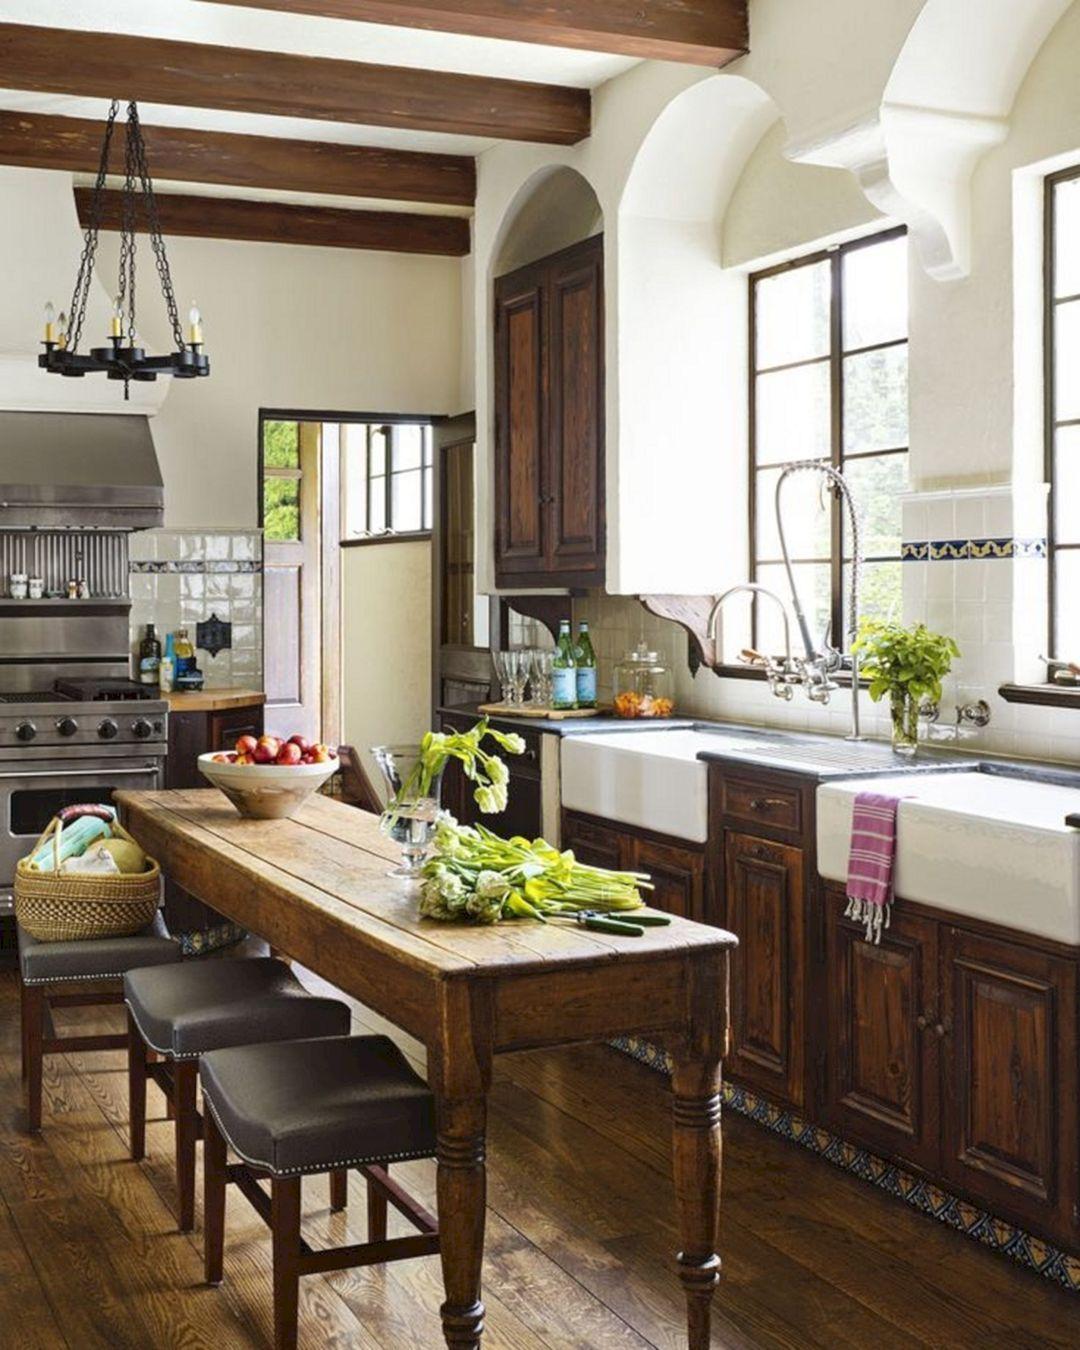 24 Farmhouse Rustic Small Kitchen Design And Decor Ideas